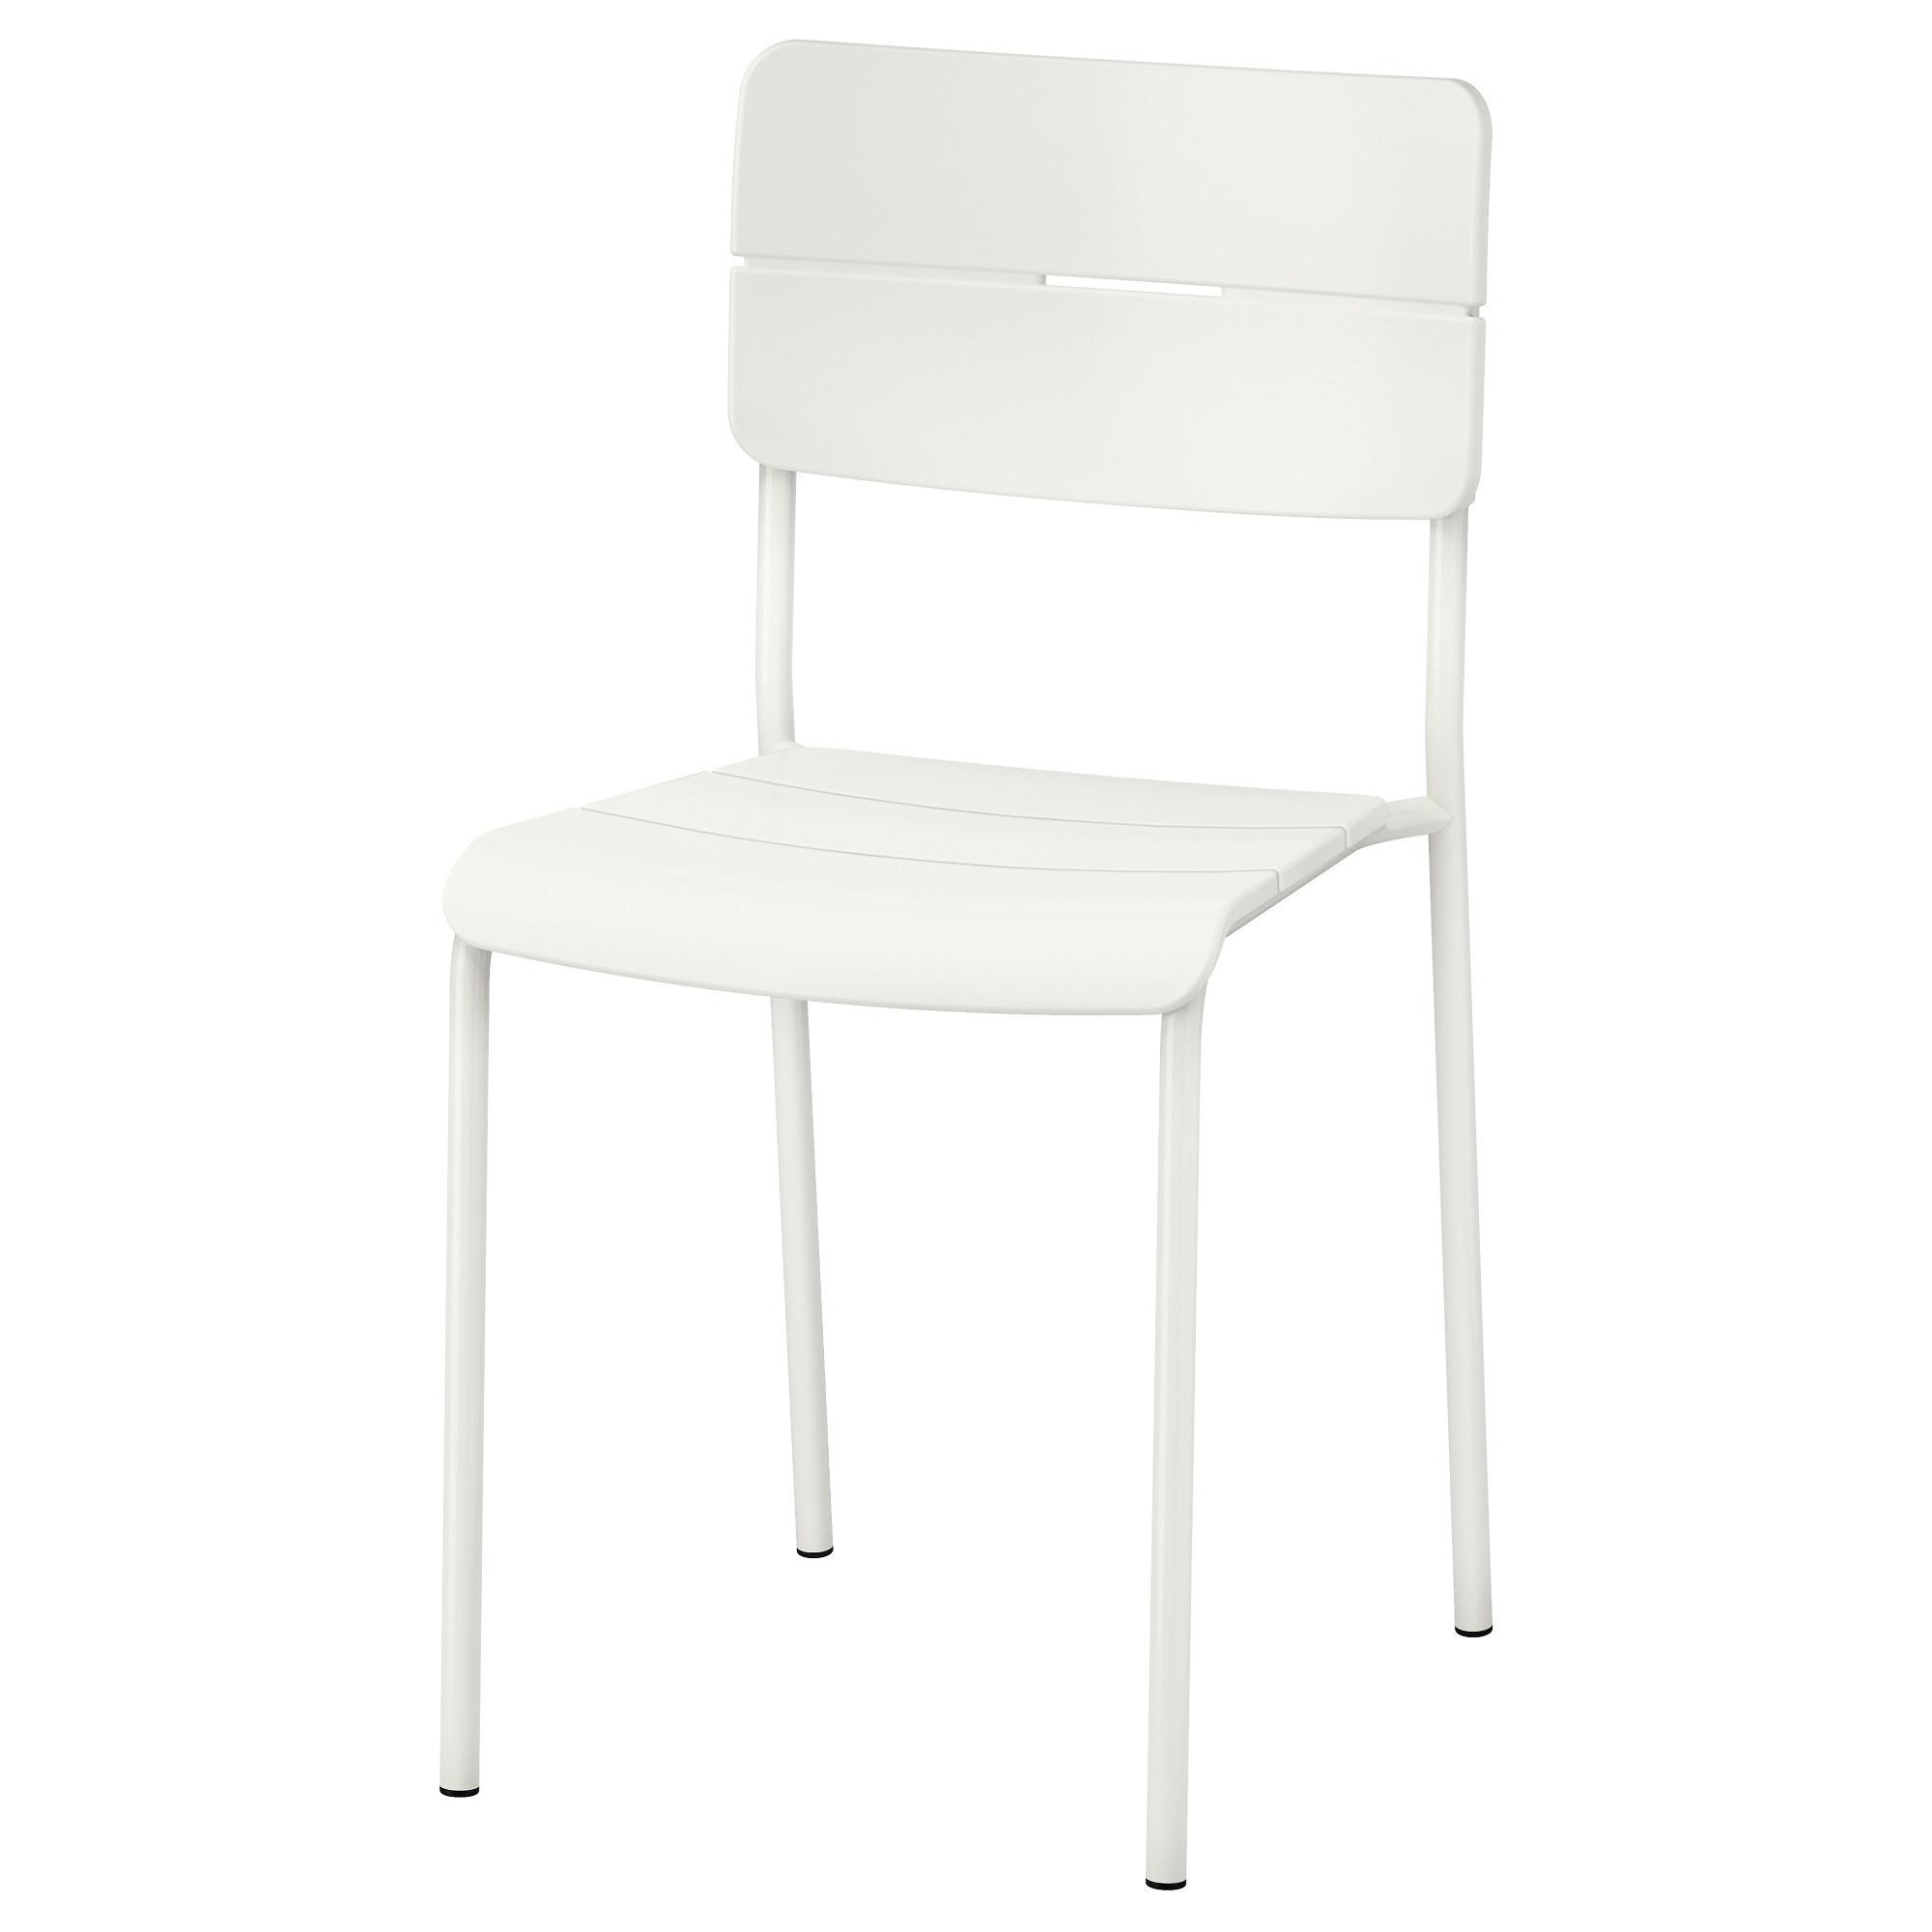 Rocking Chair Exterieur Ikea Frais Stock Coussins D Extérieur Jardin Plus Chic Chaise Rockincher Good Chaise